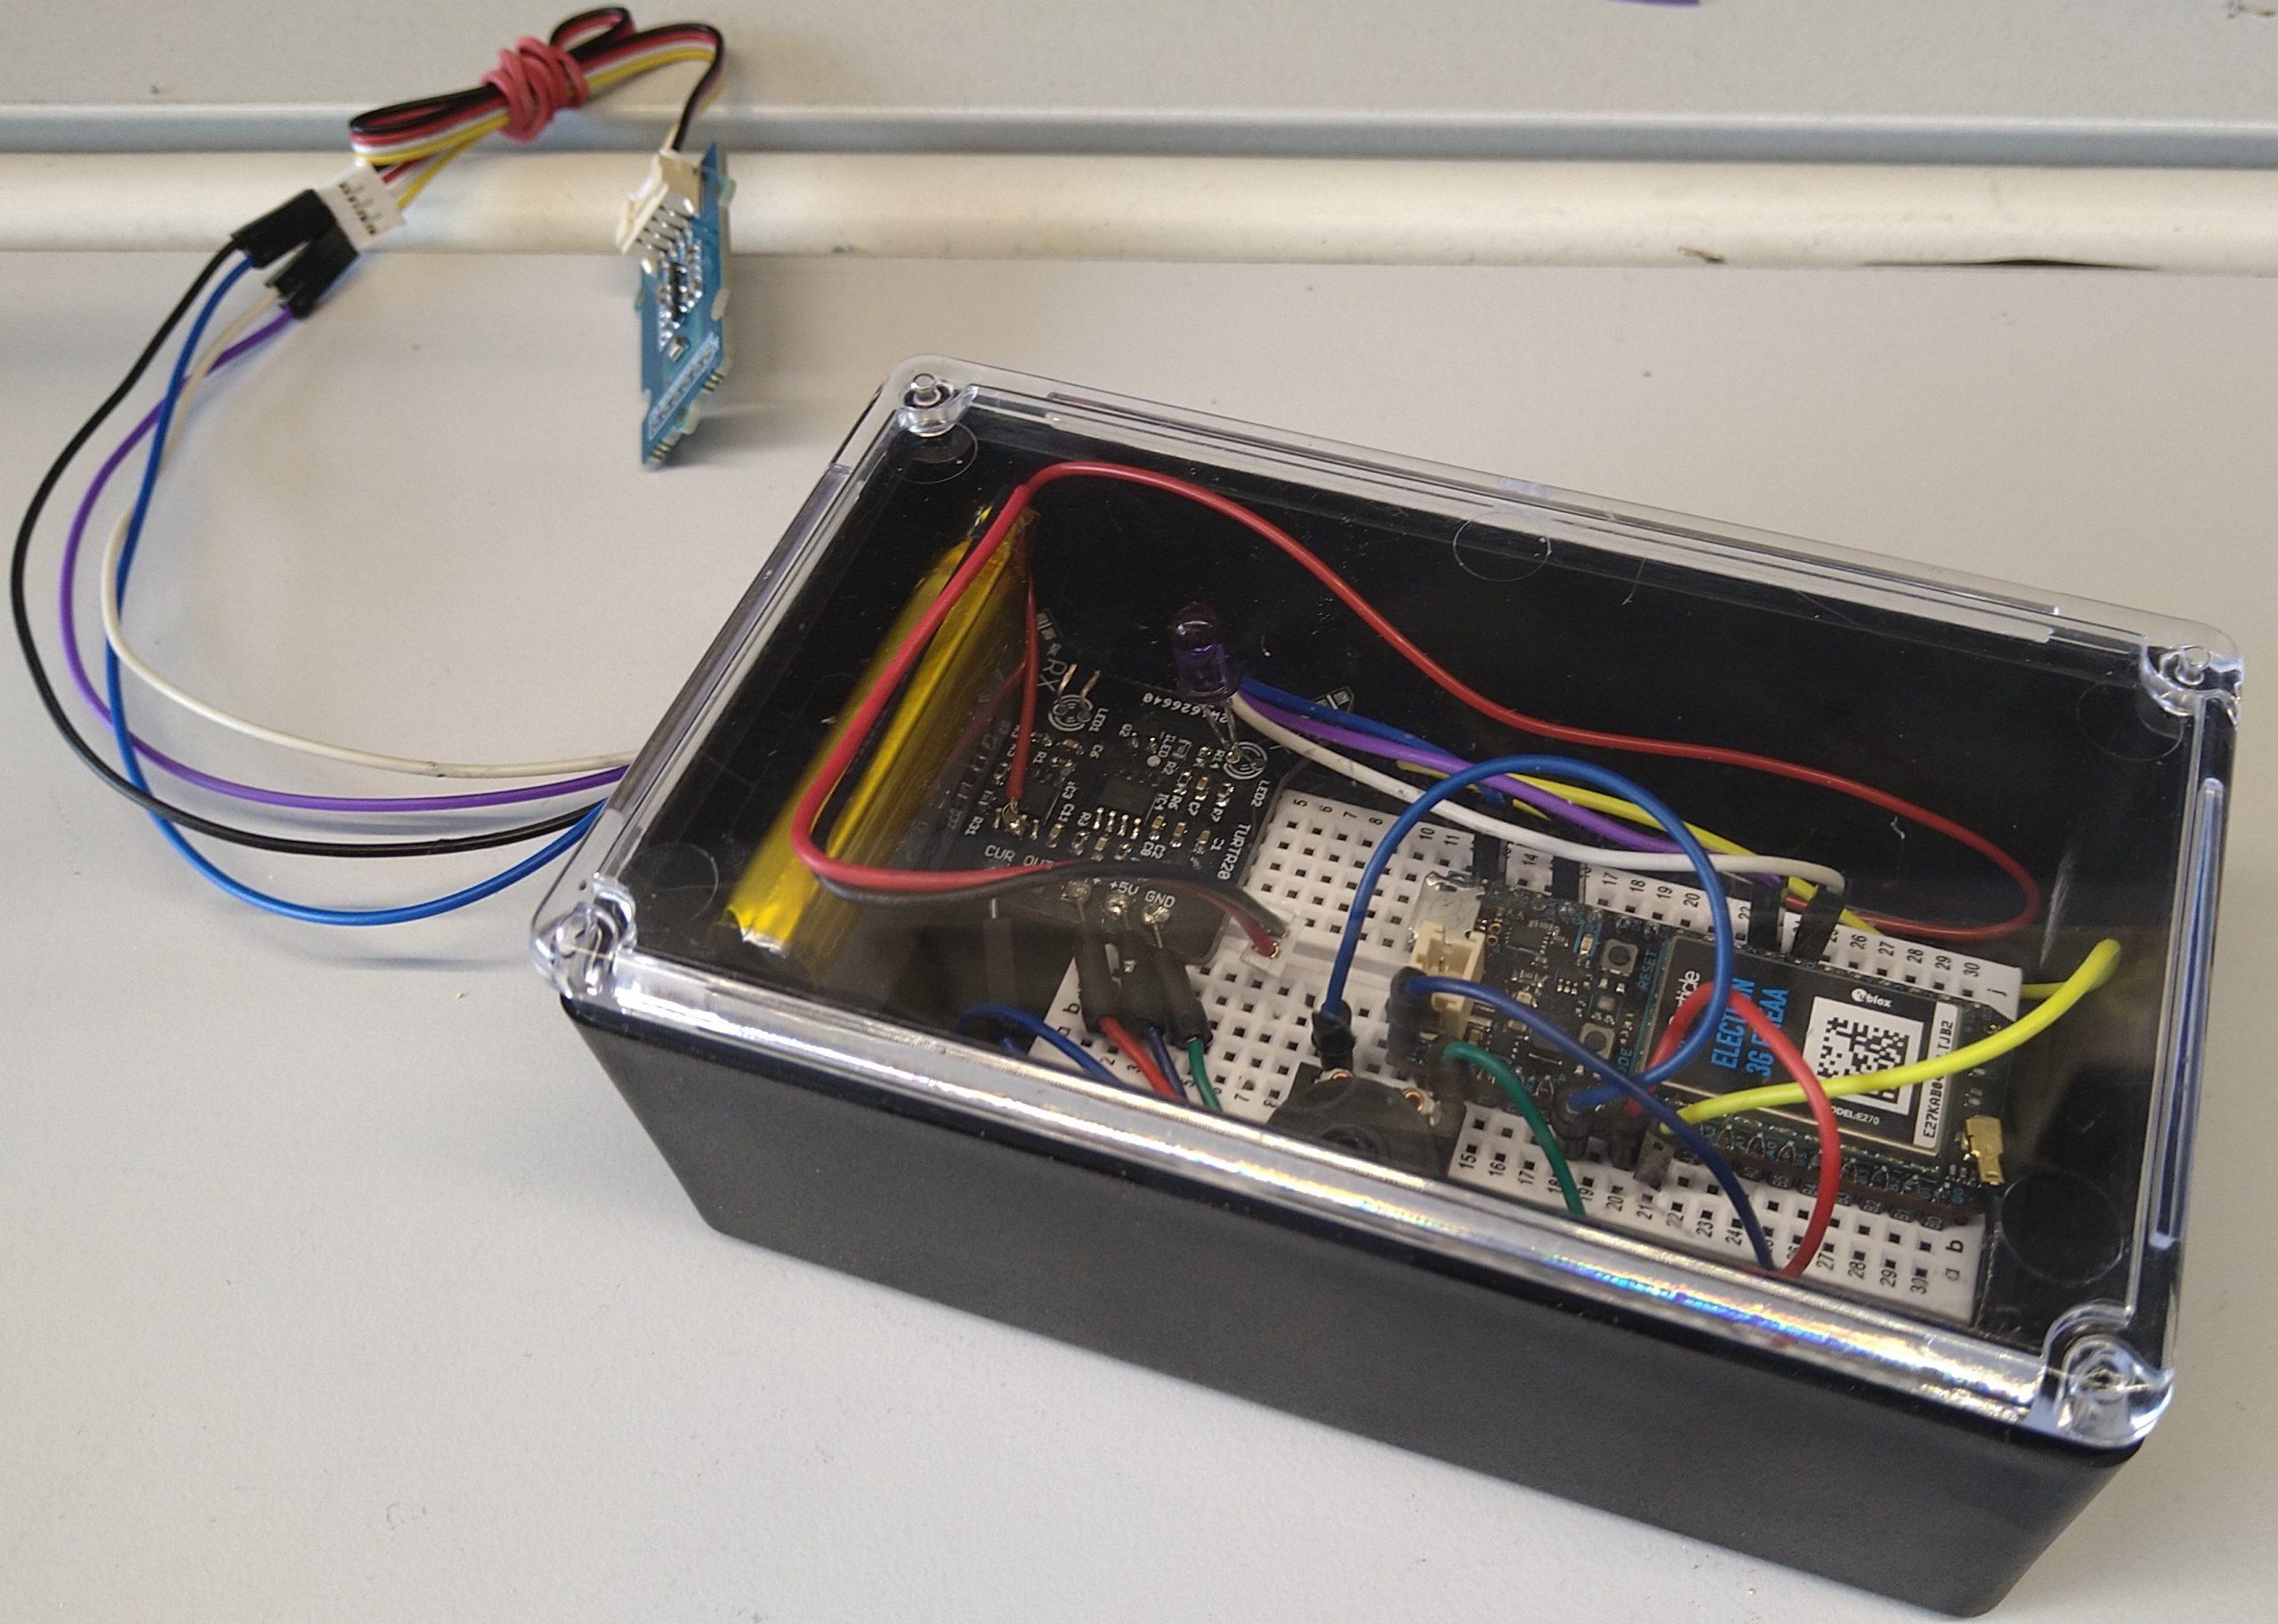 Kehitetty mittaus- ja lähetysjärjestelmä. Järjestelmä on varustettu 3G-datayhteydellä ja Li-Po-akulla. Läpinäkyvän kannen jäätymistä tarkkaillaan infrapunan avulla.